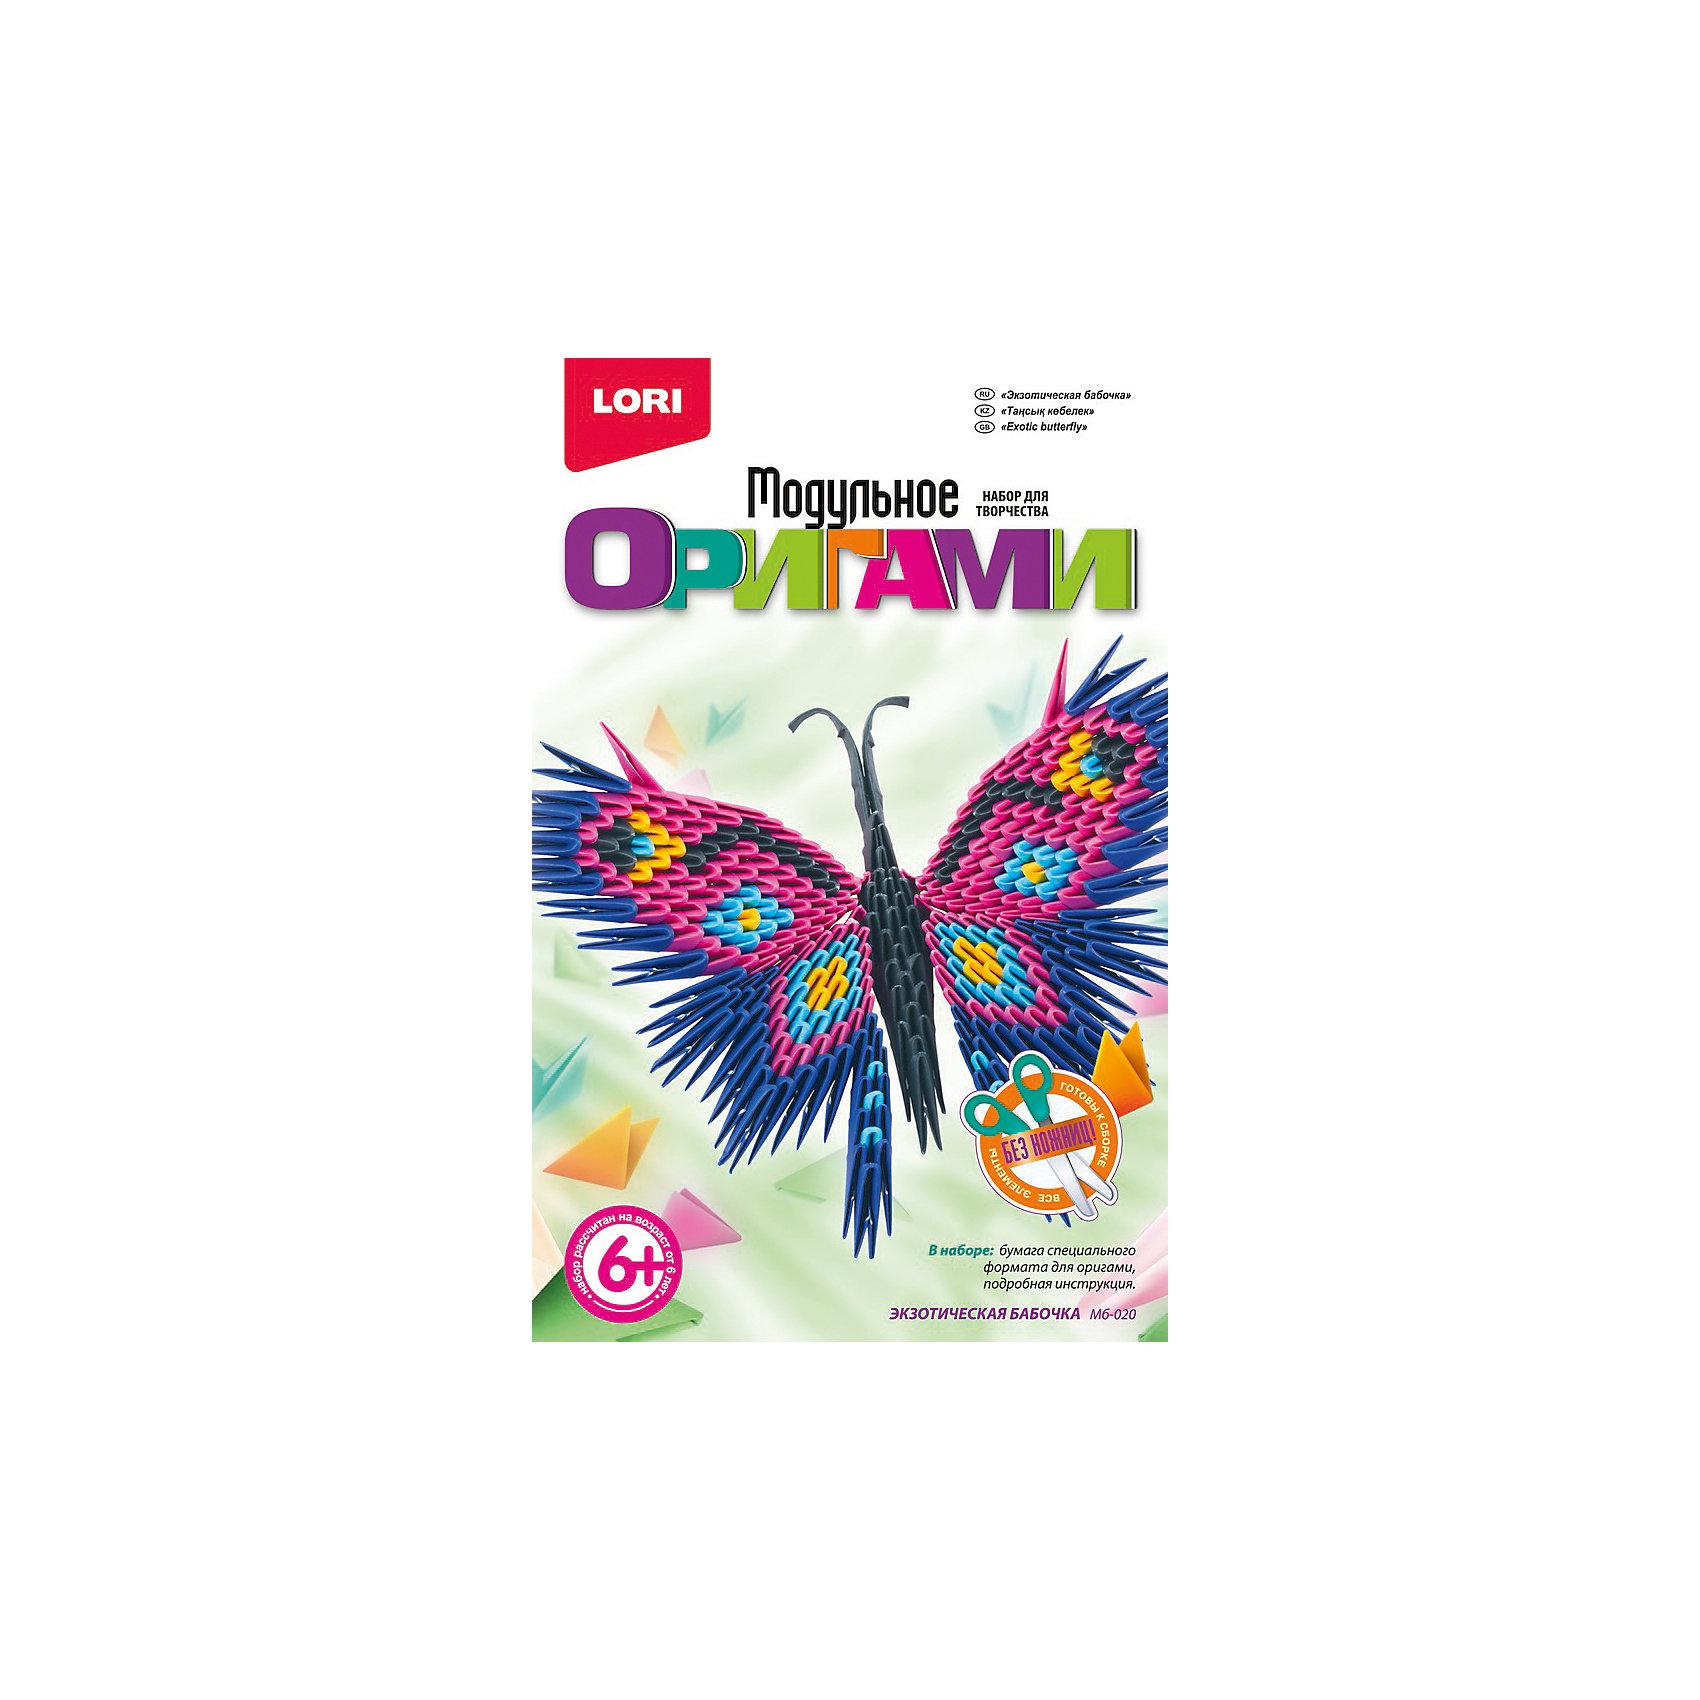 Модульное оригами Экзотическая бабочкаРукоделие<br>Объемные фигуры из бумаги всегда смотрятся очень красиво и необычно. С помощью этого набора ребенок сможет изучить удивительную технику оригами. Более простая по сравнению с классическим оригами, она в то же время является очень увлекательным занятием, которое понравится не только детям, но и взрослым. <br>Занятия с данным набором способствуют развитию внимания, памяти, пространственного и образного мышления, развивают мелкую моторику, воспитывают терпение и аккуратность.<br><br>Дополнительная информация:<br><br>- Материал: бумага.<br>- Размер упаковки: 13,5х21 см.<br>- Комплектация: бумага специального формата для оригами, инструкция.<br><br>Модульное оригами Экзотическая бабочка можно купить в нашем магазине.<br><br>Ширина мм: 370<br>Глубина мм: 250<br>Высота мм: 155<br>Вес г: 230<br>Возраст от месяцев: 72<br>Возраст до месяцев: 2147483647<br>Пол: Женский<br>Возраст: Детский<br>SKU: 4561183